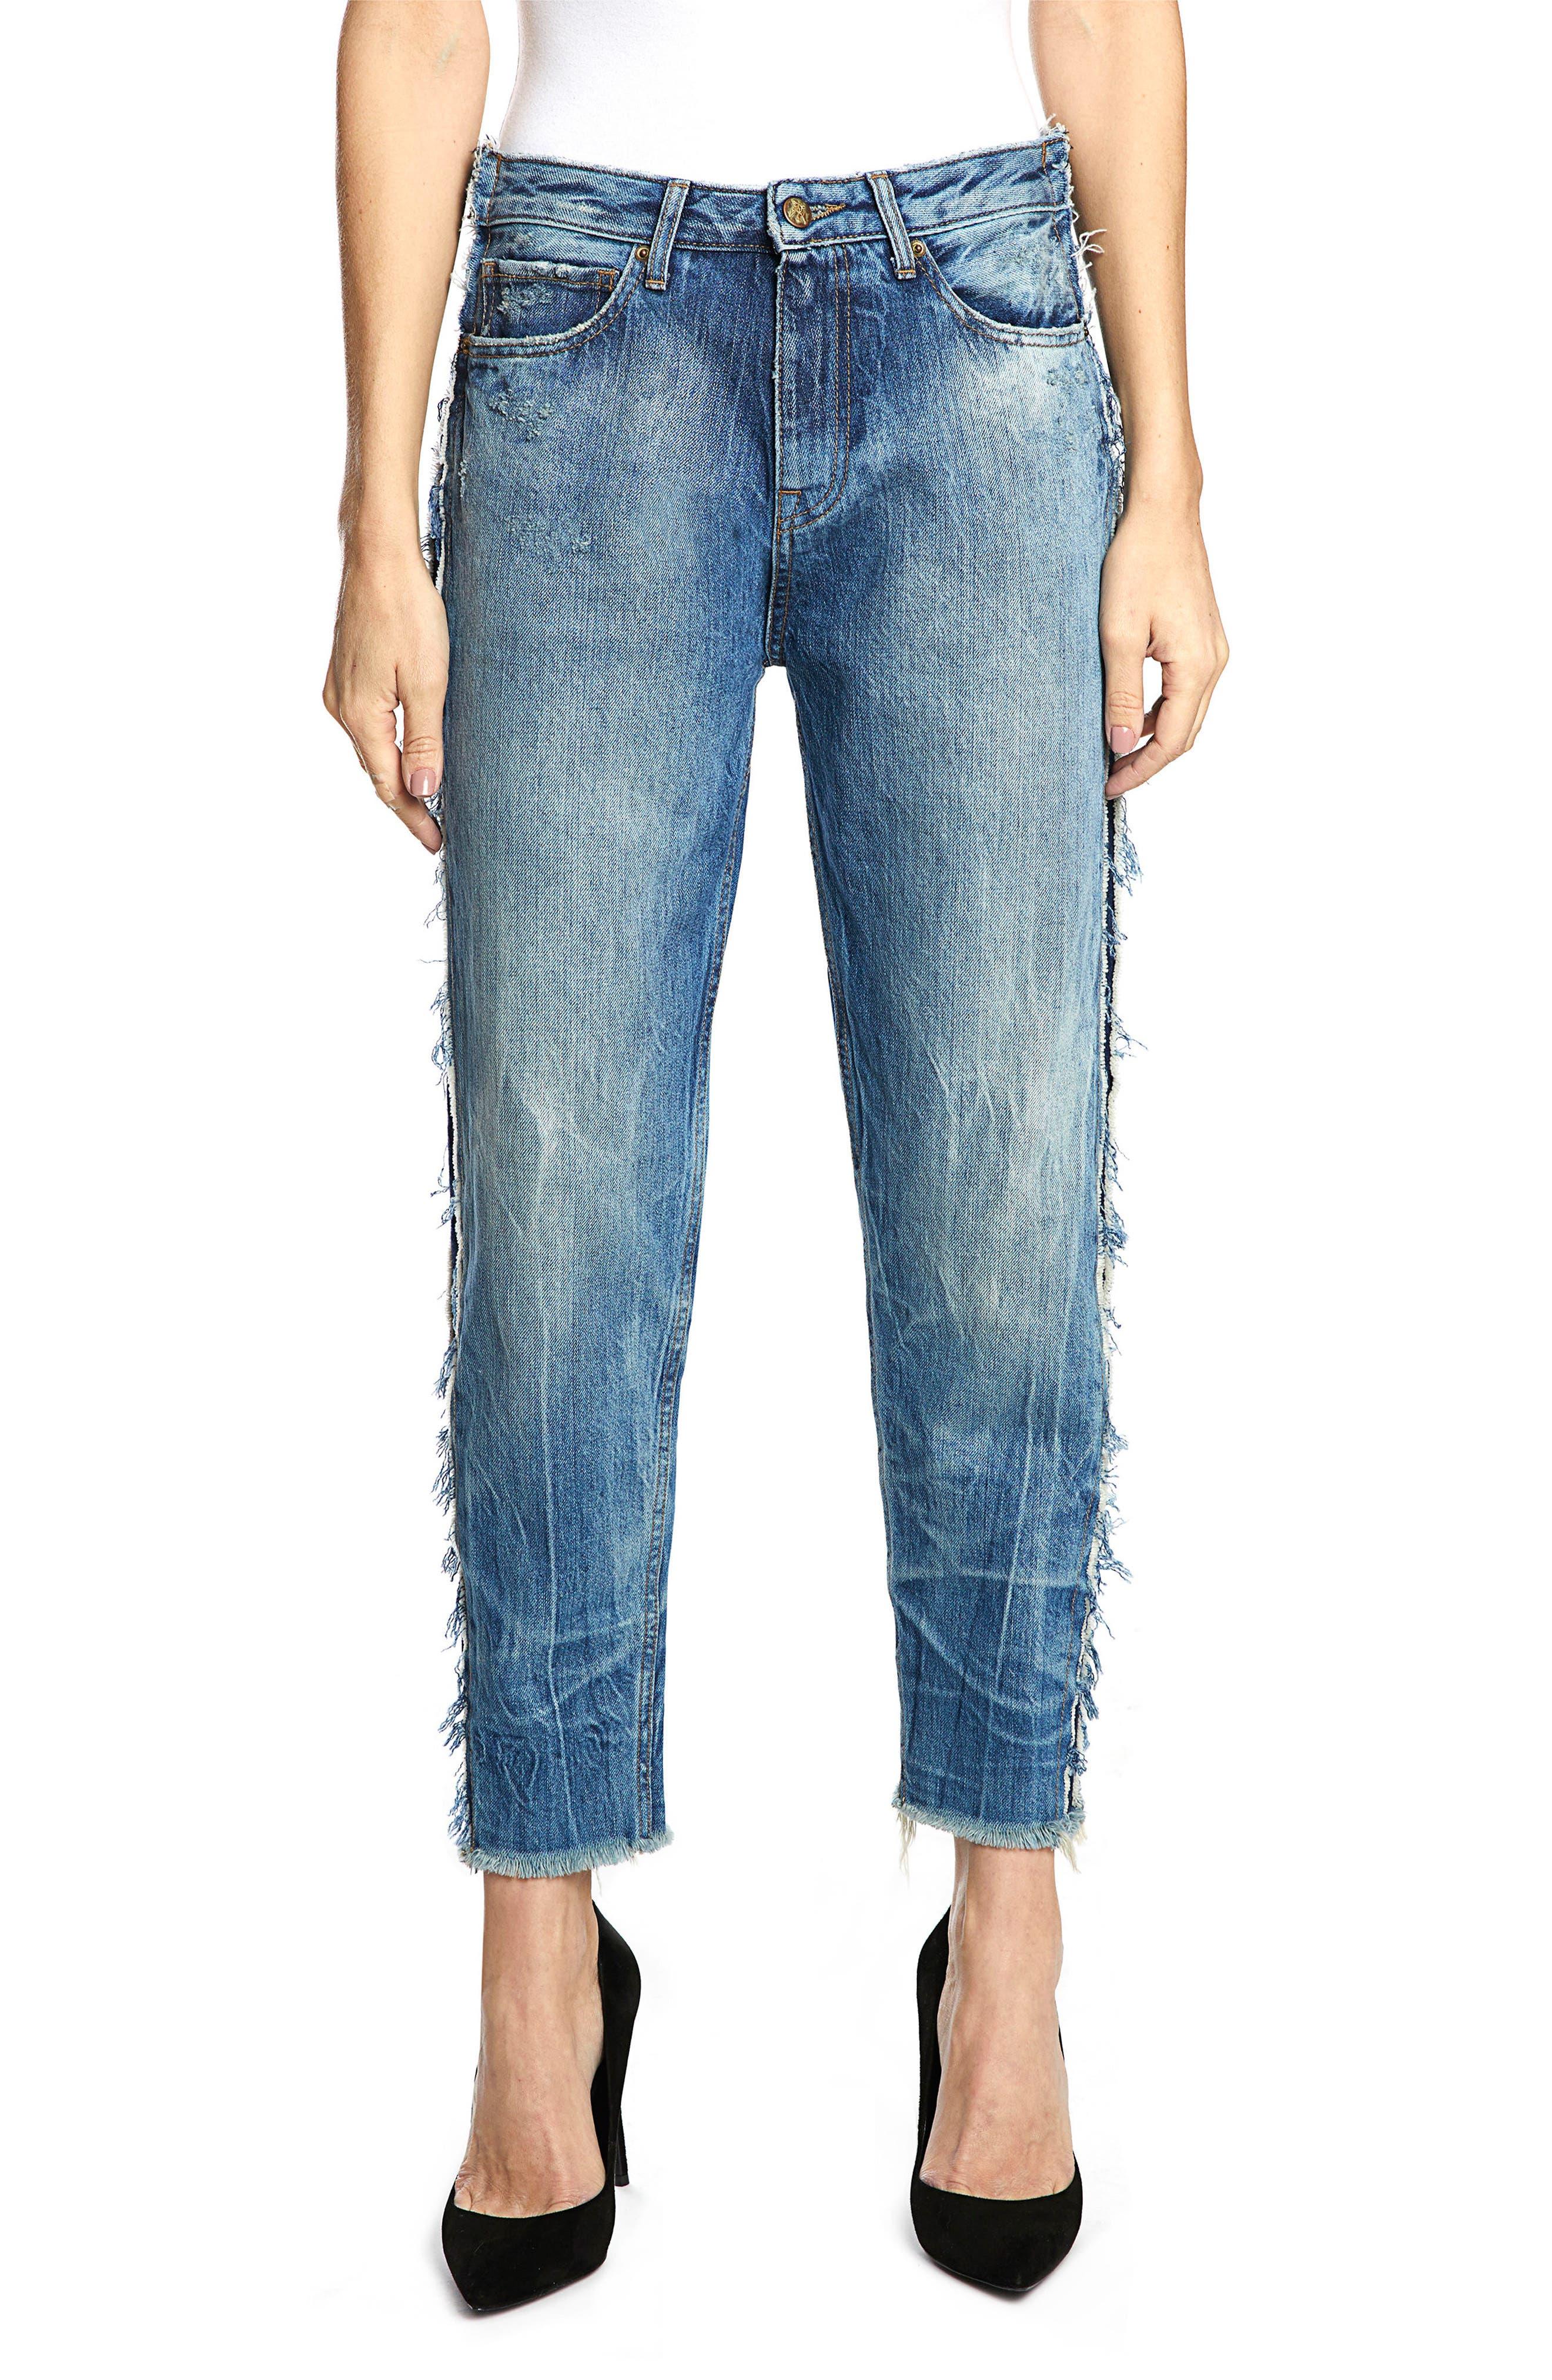 Bel Air High Waist Contrast Seam Boyfriend Jeans,                             Main thumbnail 1, color,                             490